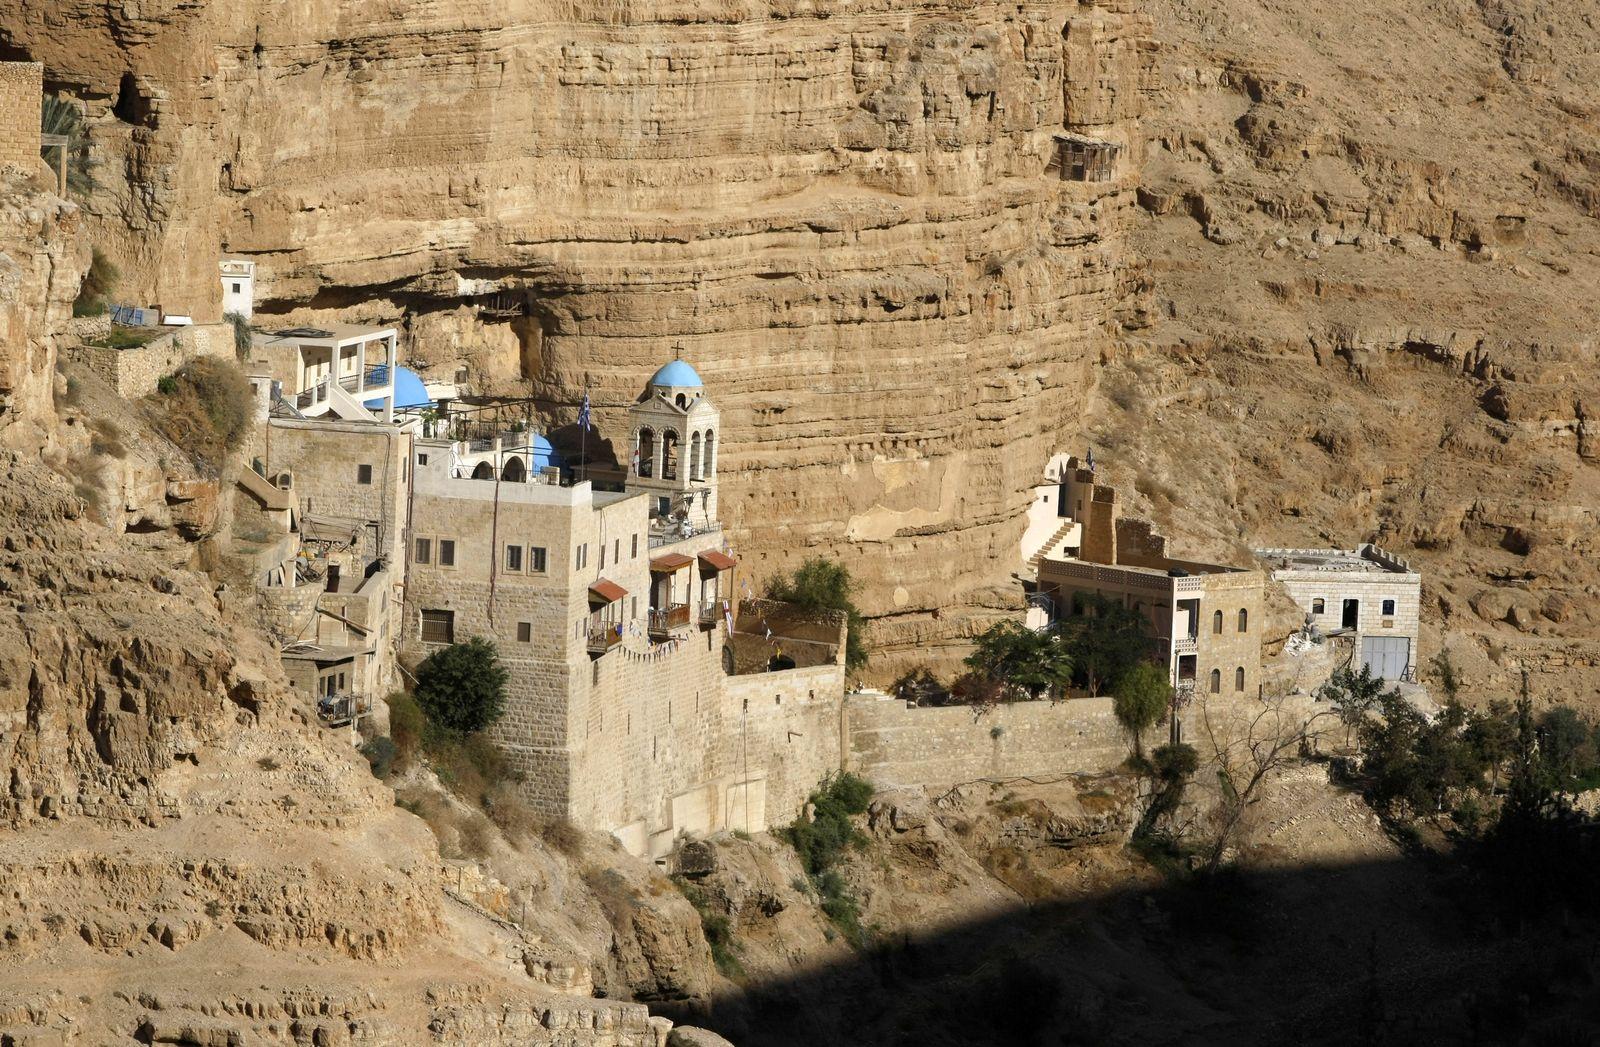 Ausgegraben/ St. George Greek Orthodox Monastery